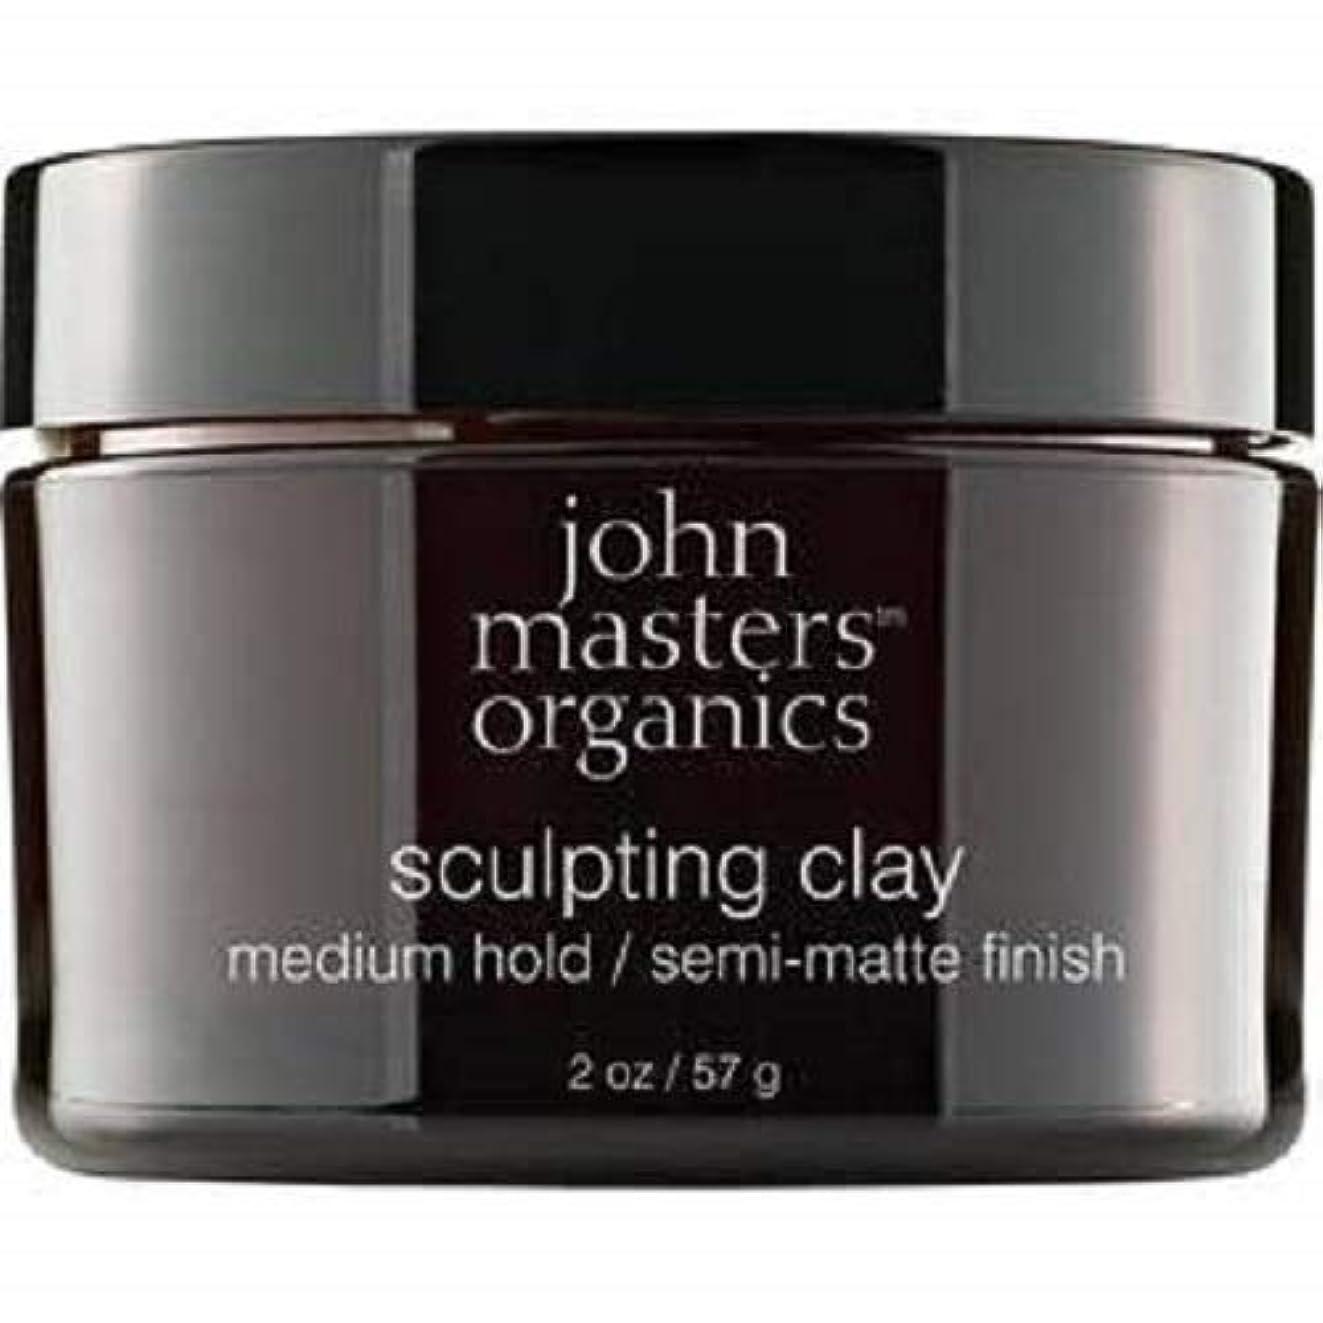 エスカレーター脚平凡John Masters Organics Sculpting Clay medium hold / semi-matt finish 2 OZ,57 g